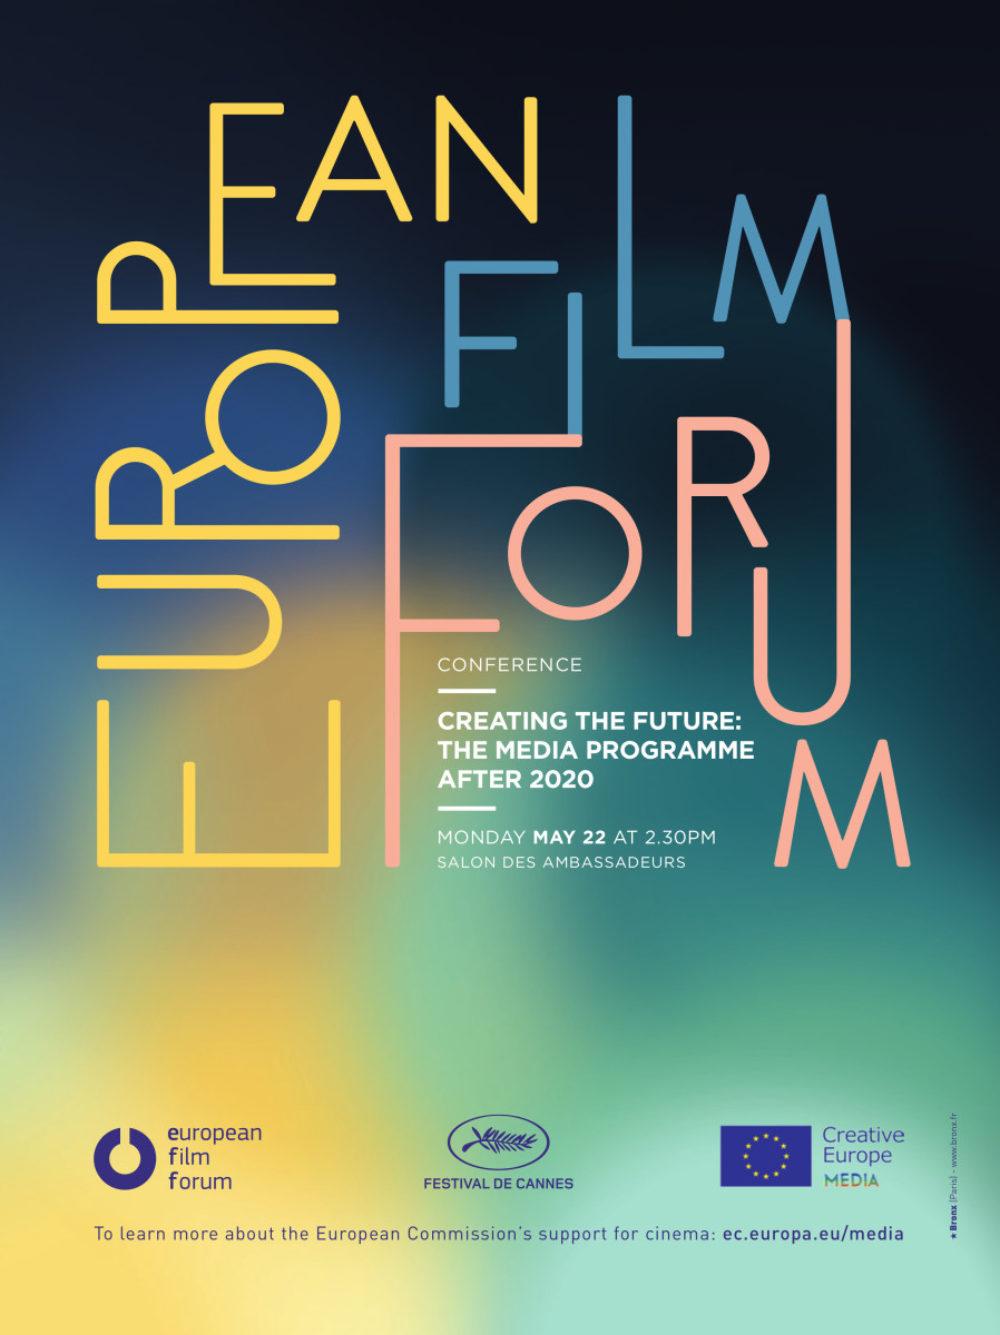 Europejskie Forum Filmowe w Cannes (22 maja)